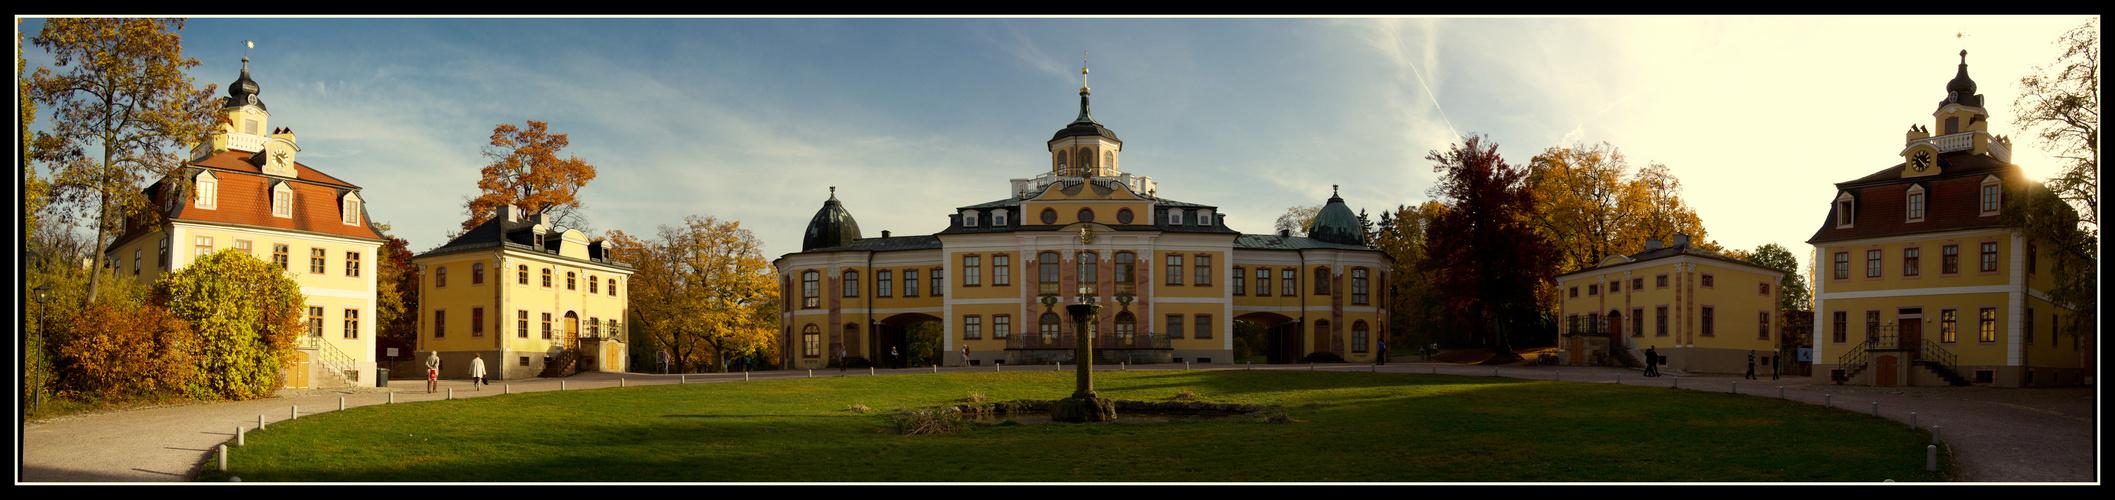 Weimar, Belvedere